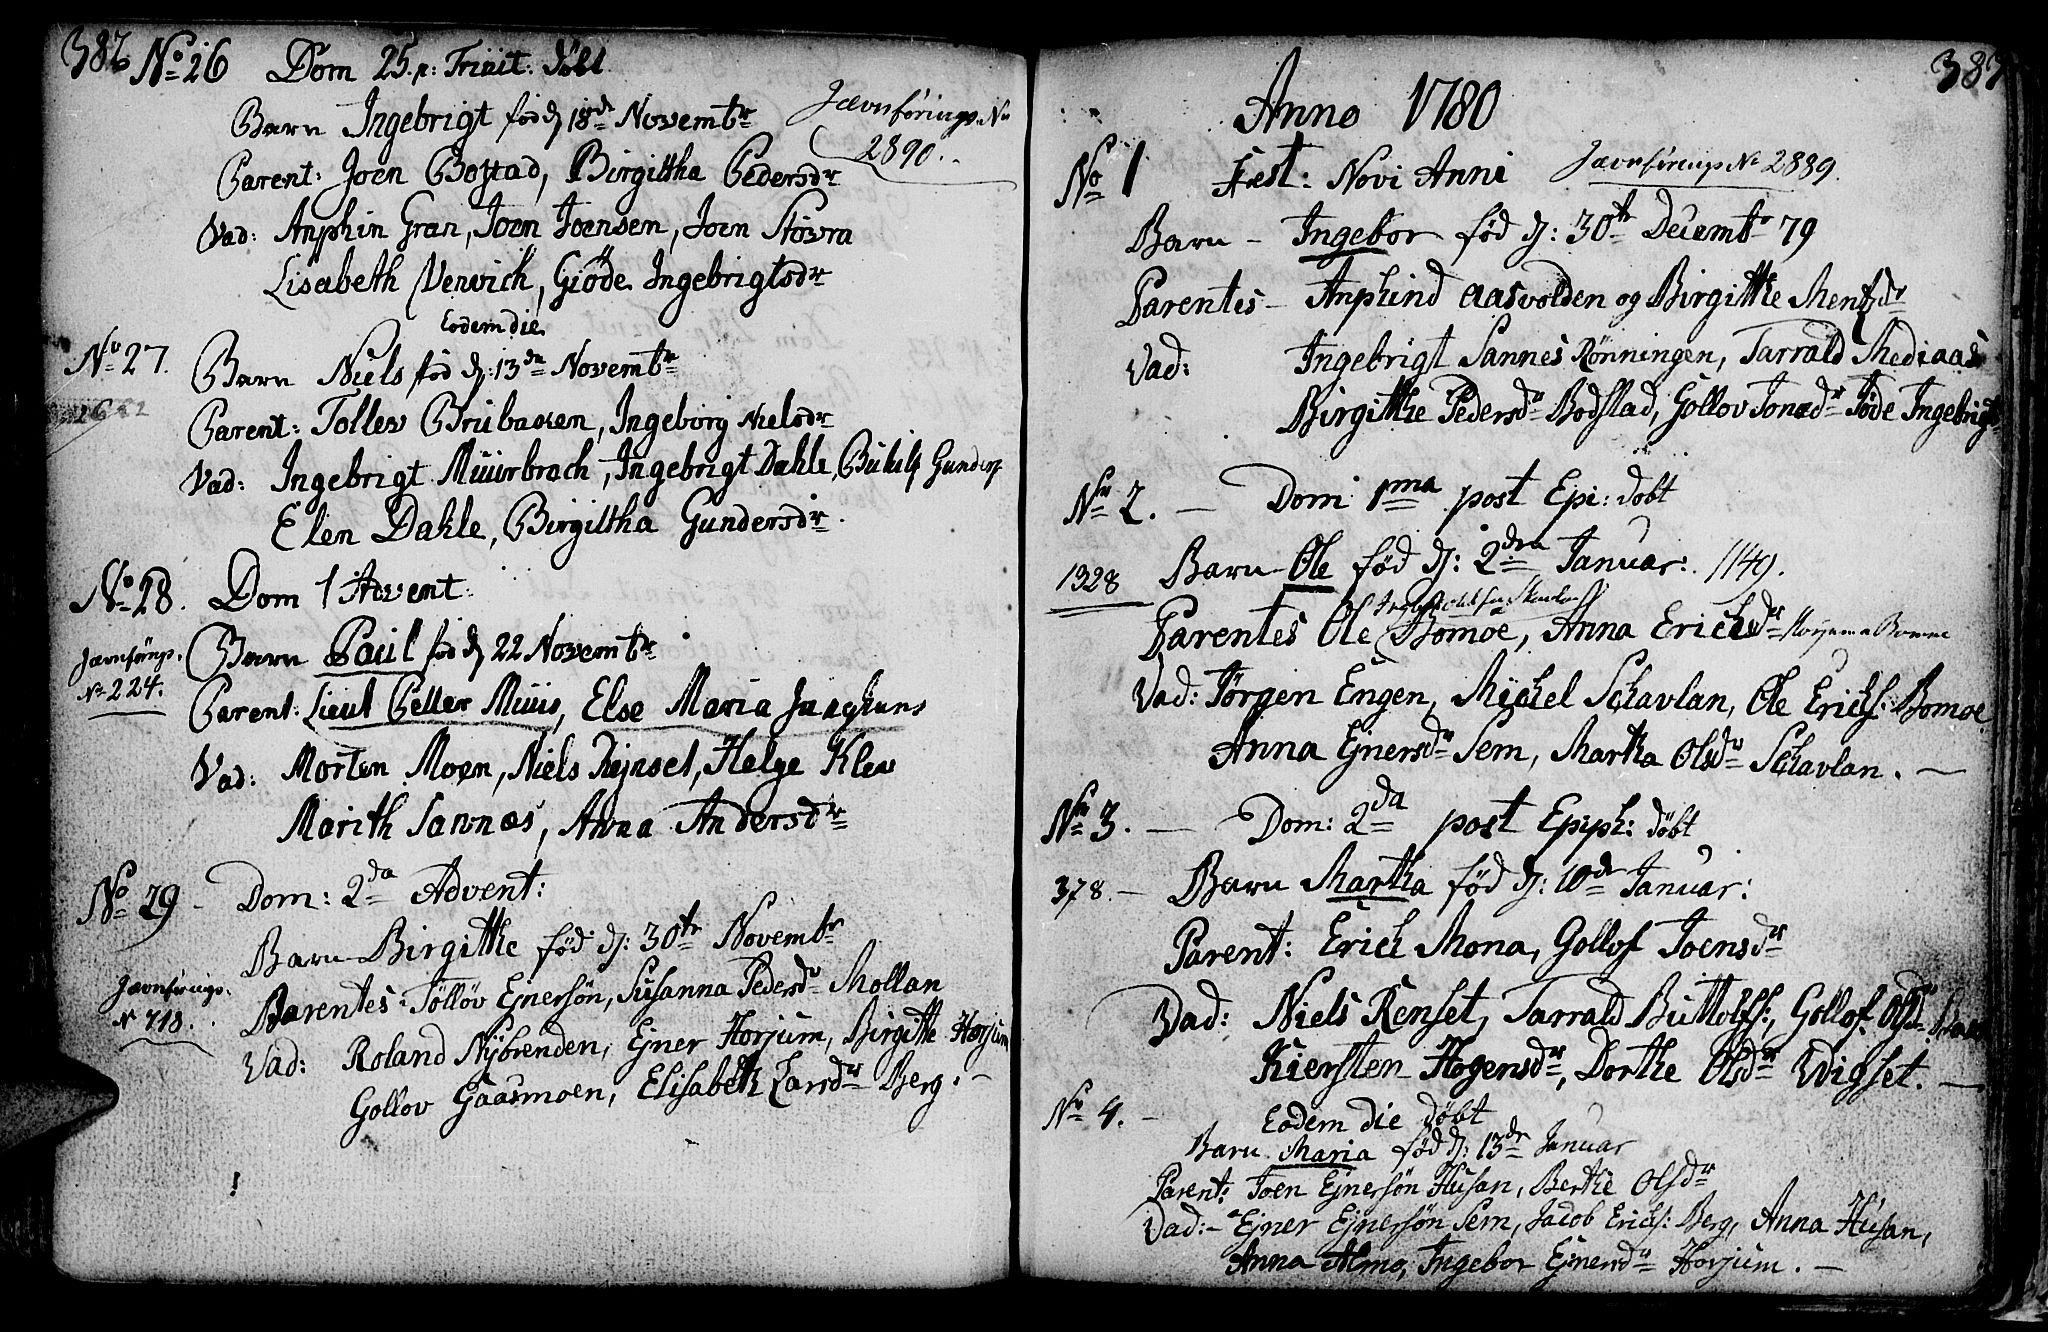 SAT, Ministerialprotokoller, klokkerbøker og fødselsregistre - Nord-Trøndelag, 749/L0467: Ministerialbok nr. 749A01, 1733-1787, s. 382-383